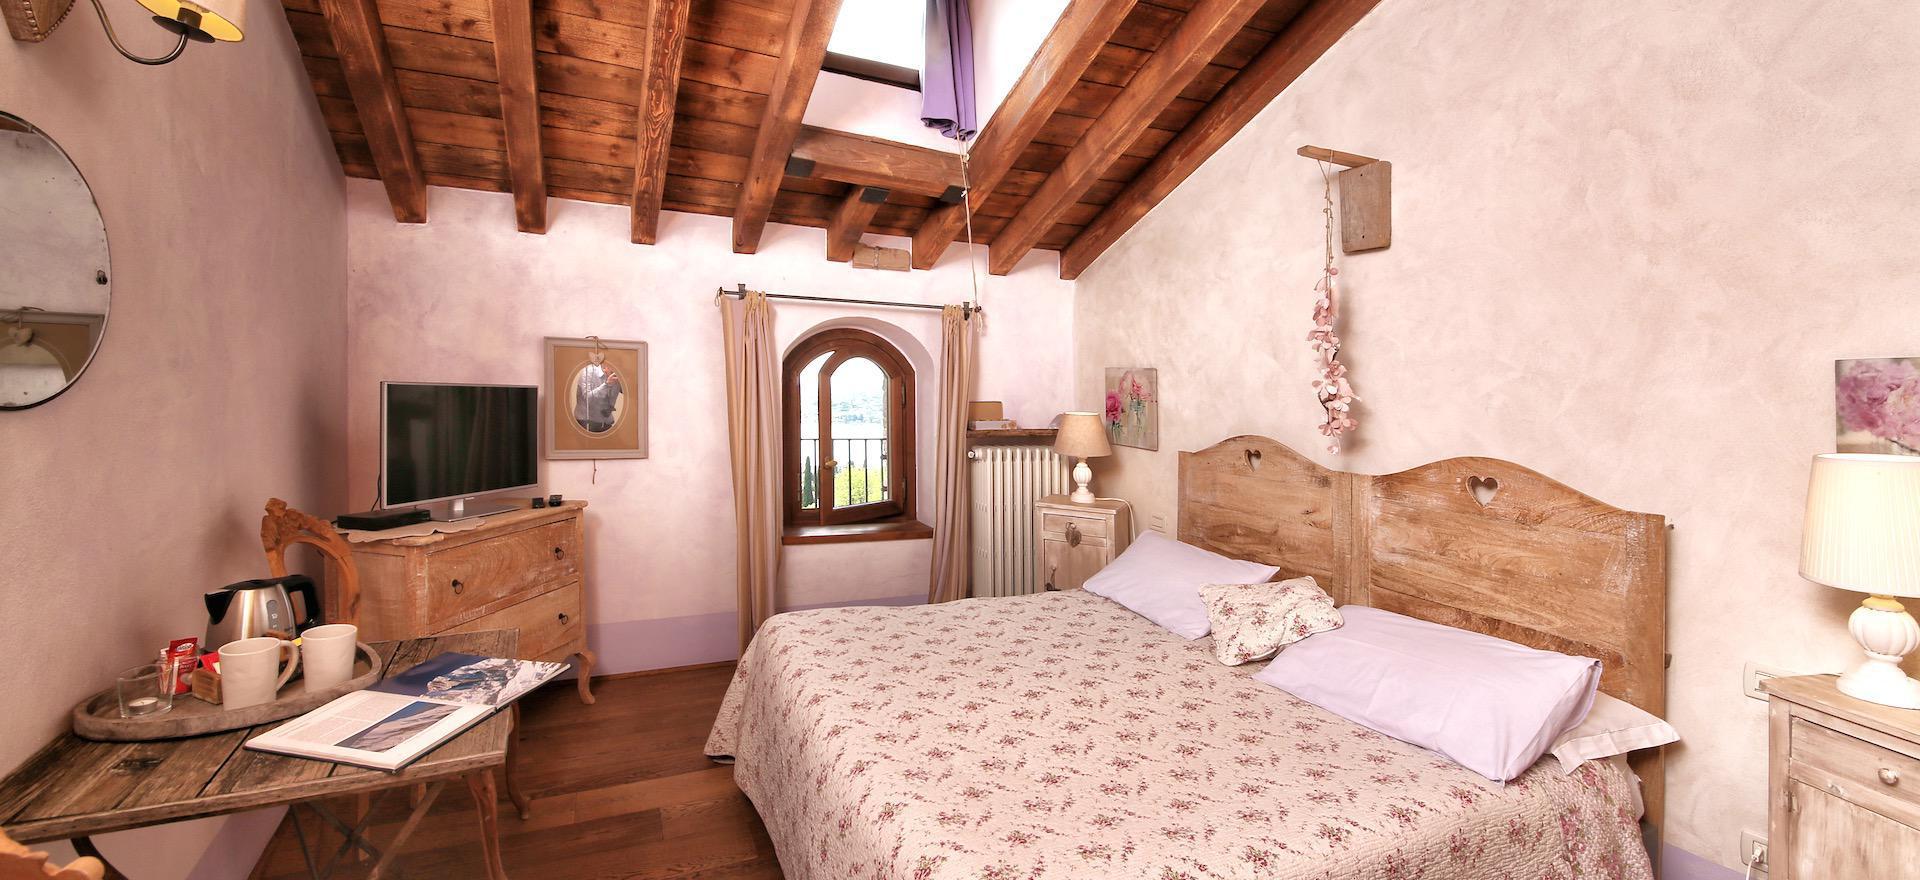 Agriturismo Gardameer met bijzonder stijlvol interieur